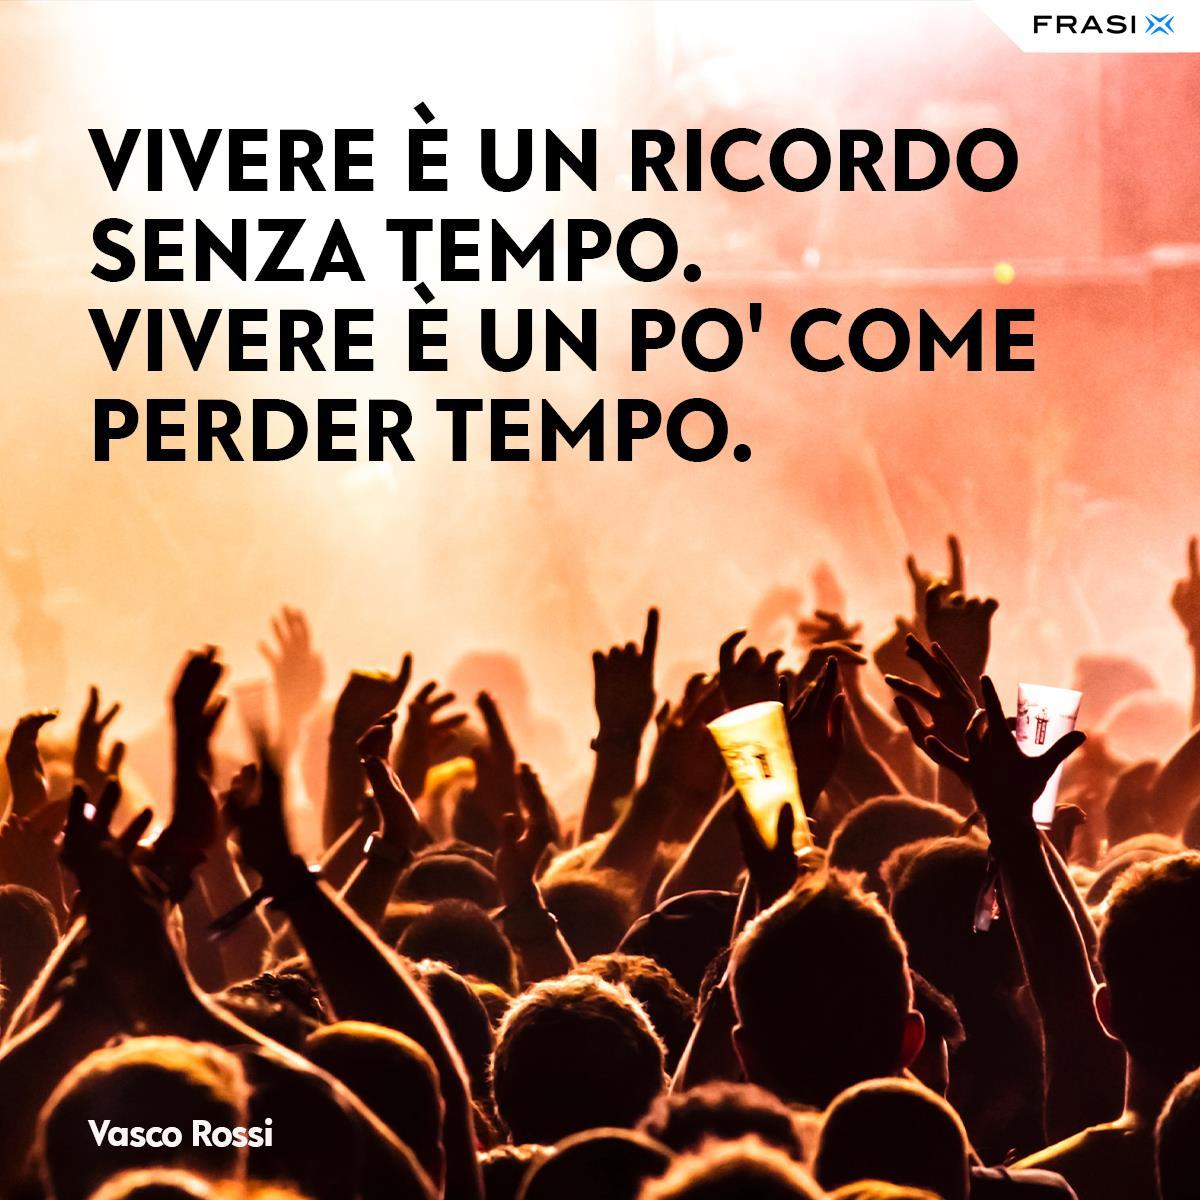 Frasi dalla canzone vivere di Vasco Rossi